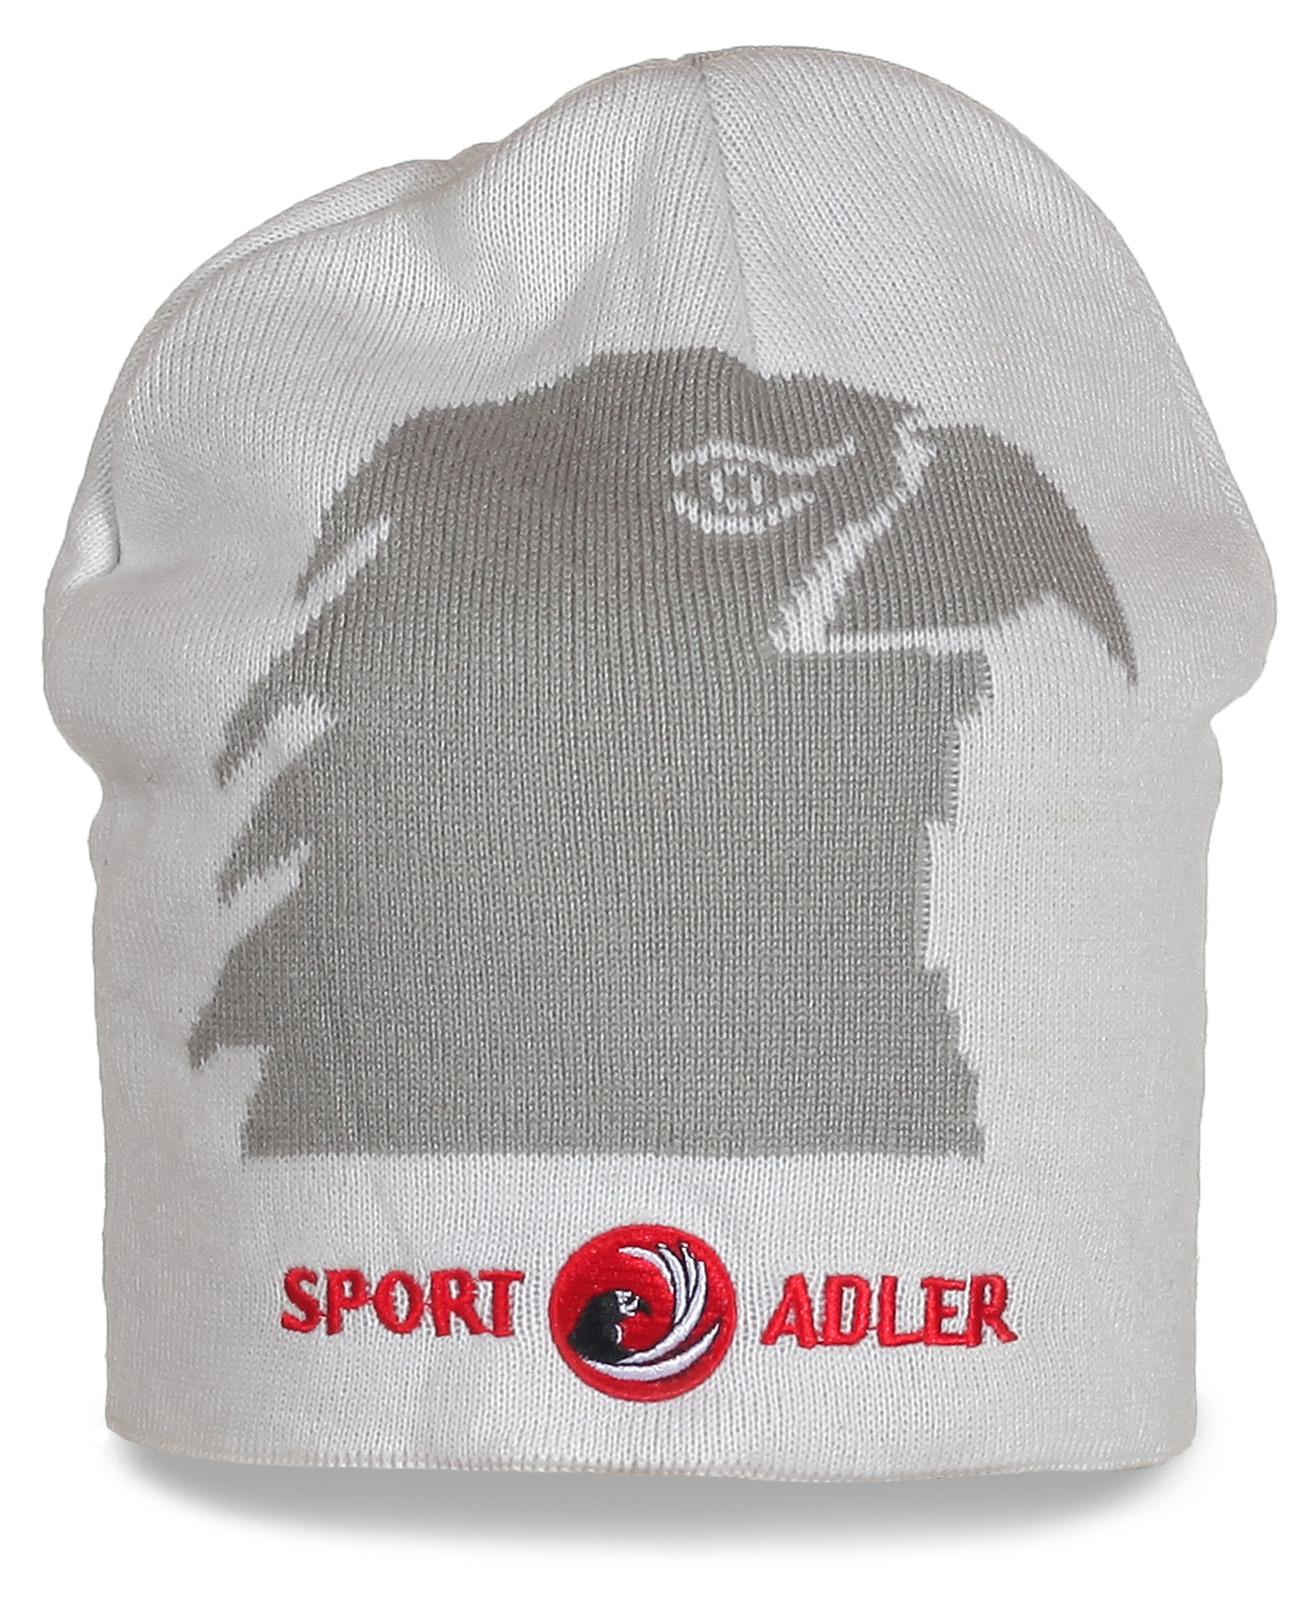 Фирменная шапка Sport Adler. Поклонники оценят!